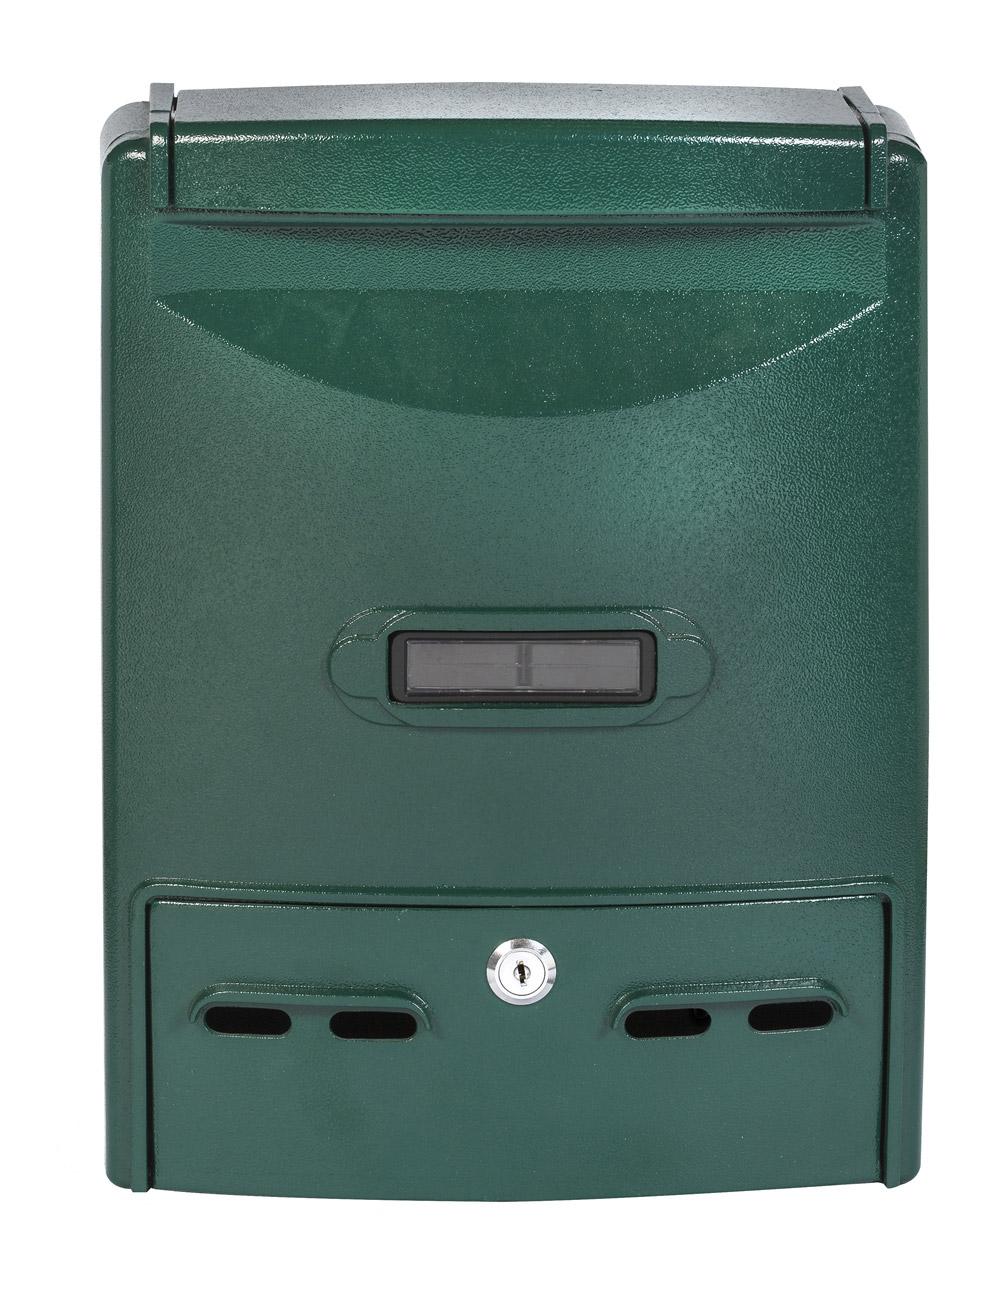 תיבת דואר  חד צדדית, חיצוני על הקיר צבע ירוק